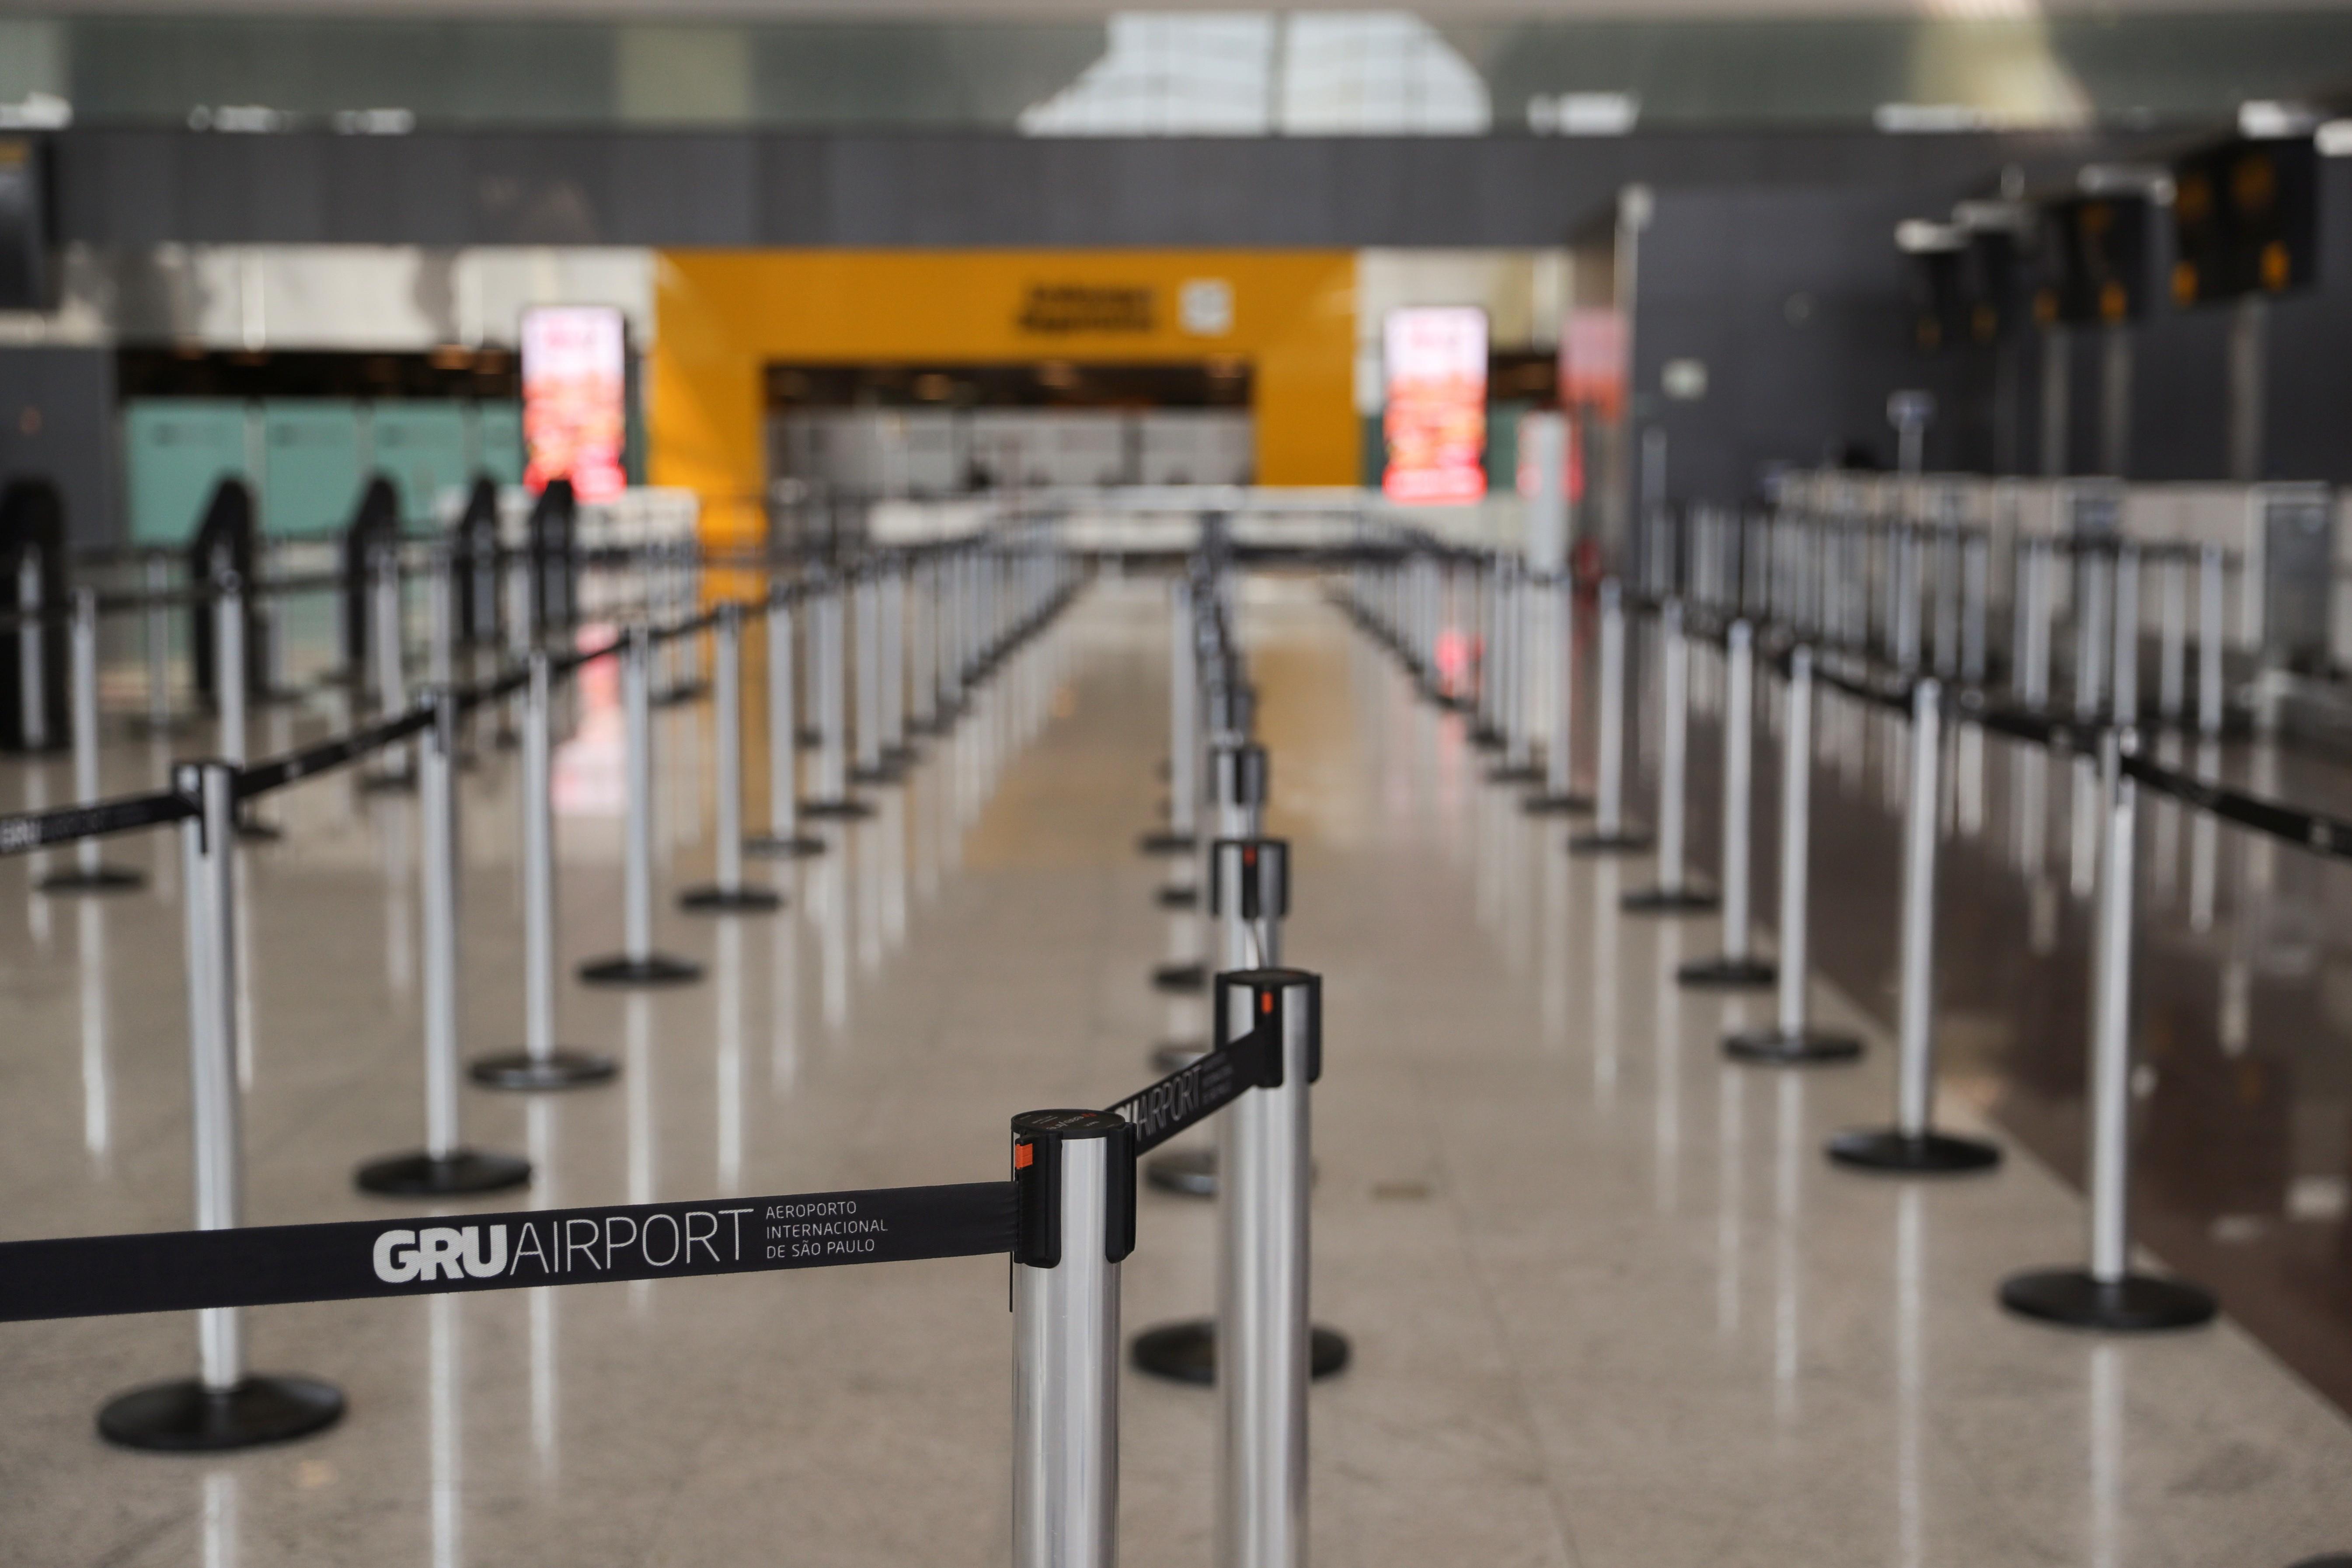 Transporte aéreo de passageiros cai 93% em abril no país, aponta Abear